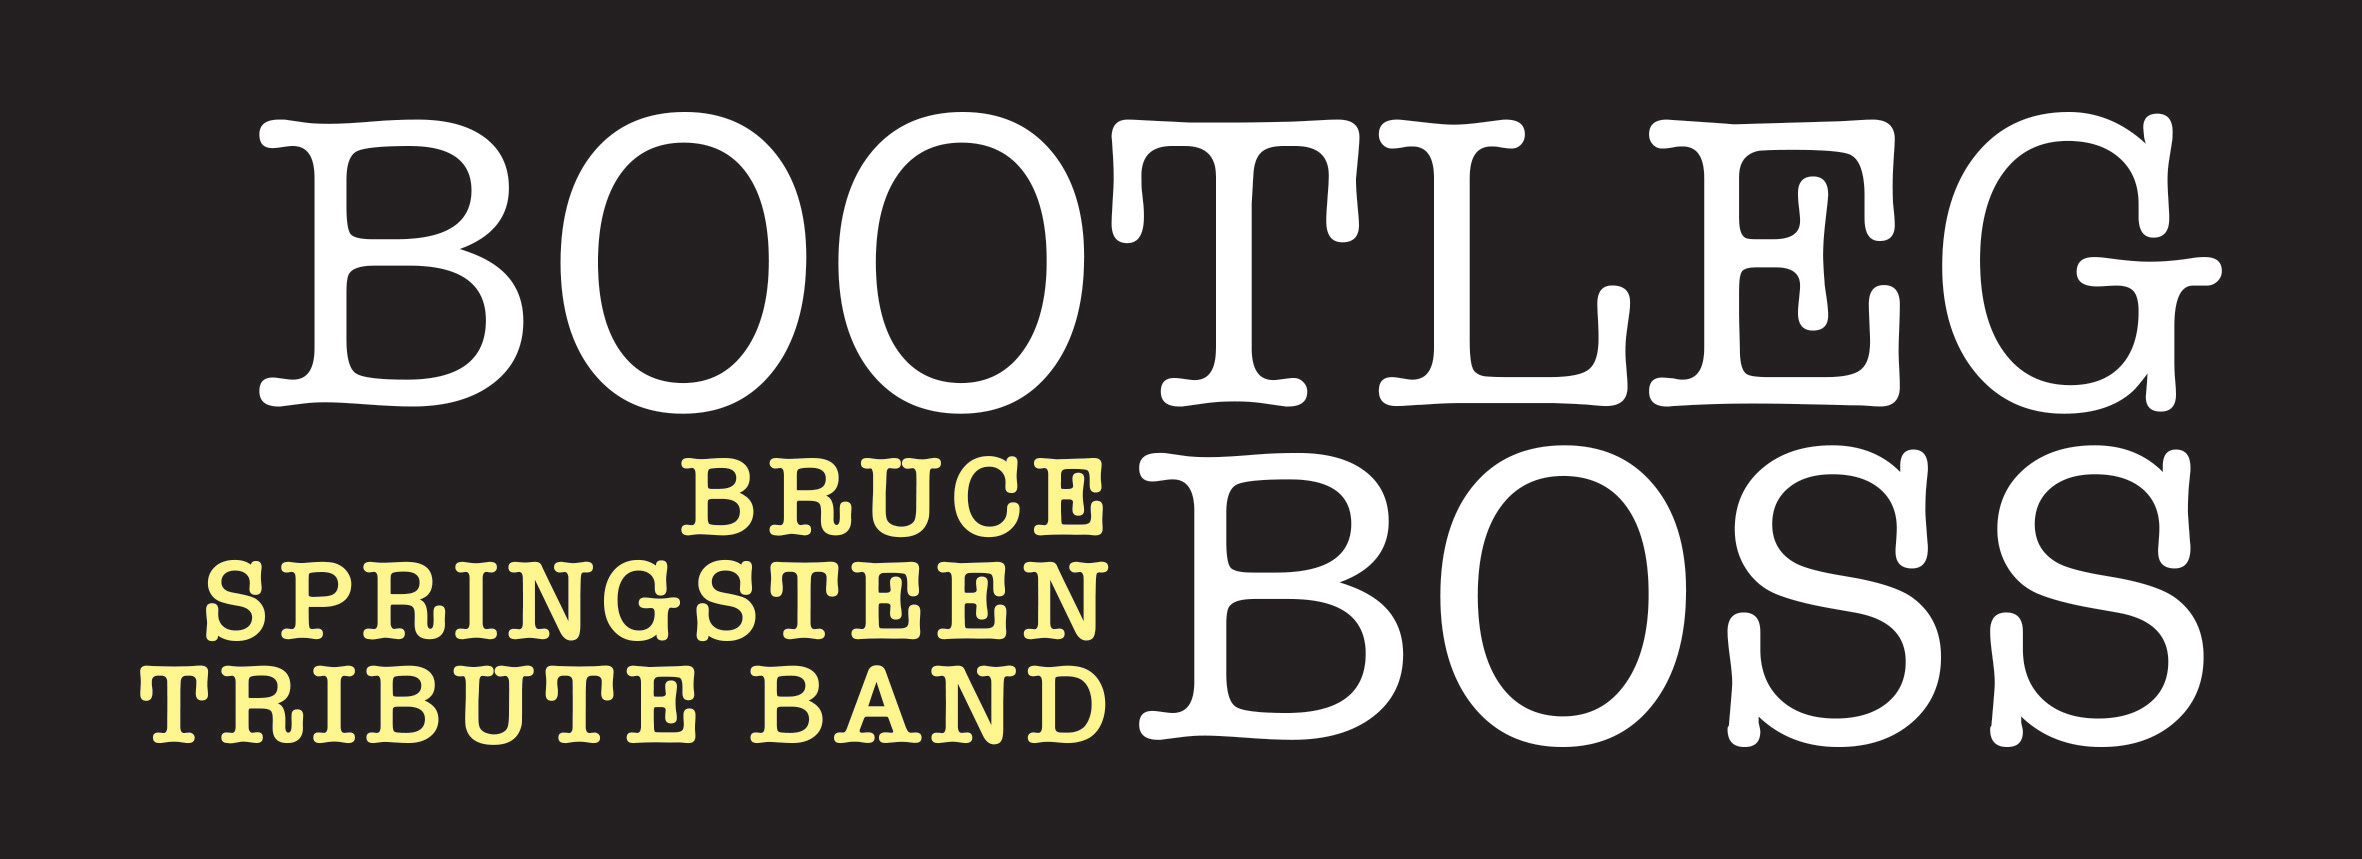 Bootleg Boss Logo - Black and White 2